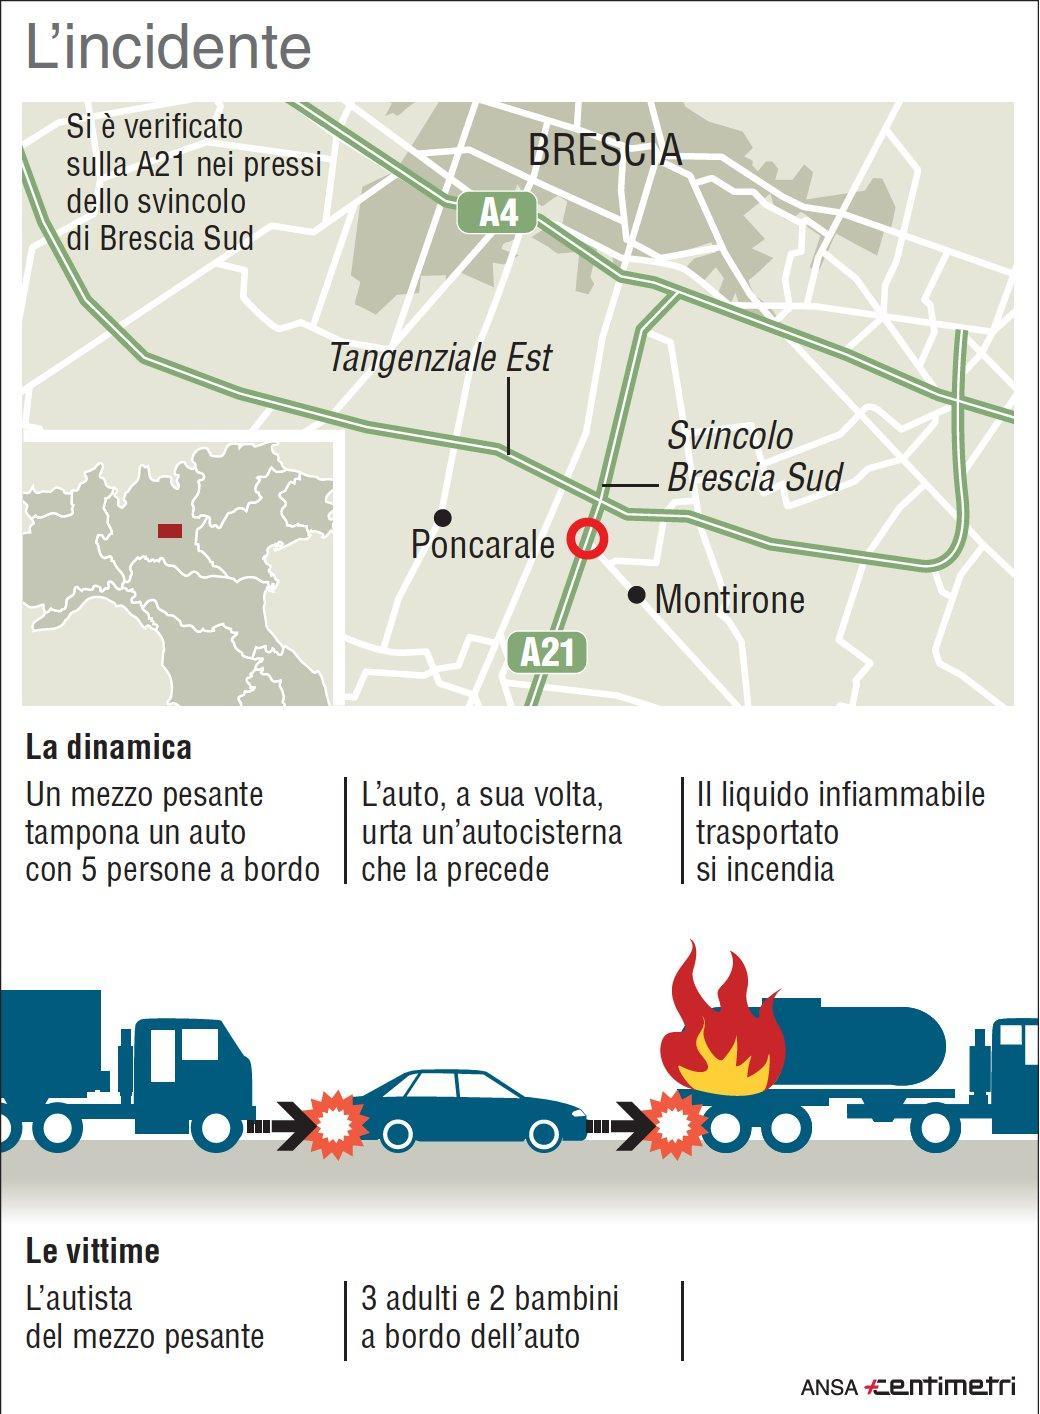 Incidente sull A21 tra Brescia e Manerbio, sei morti